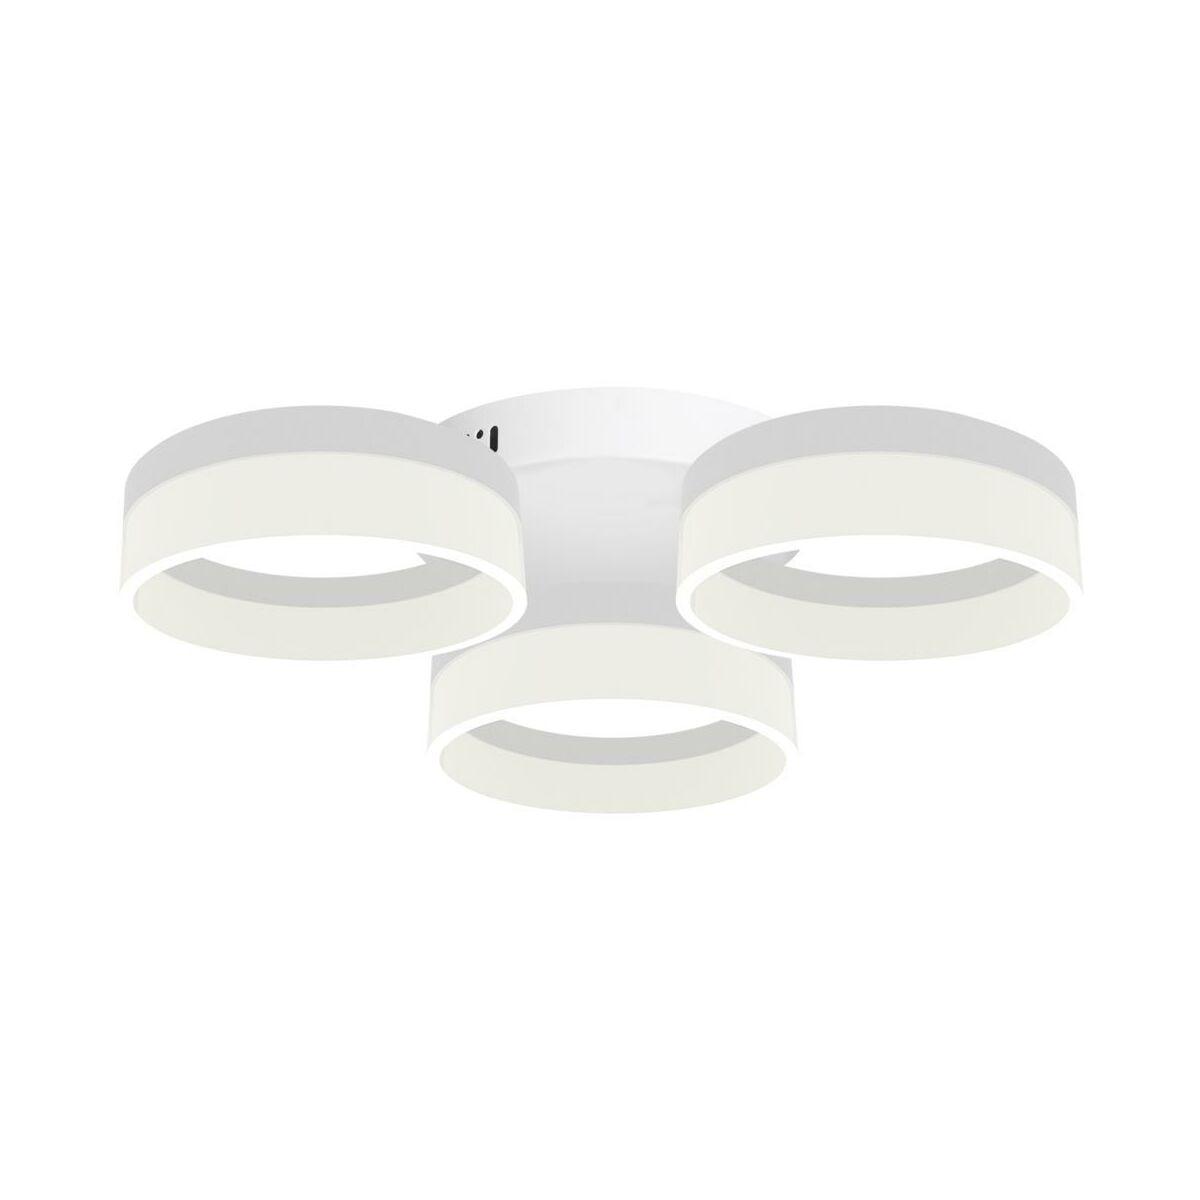 Plafon Ring 52 Cm Bialy Led Eko Light Plafony W Atrakcyjnej Cenie W Sklepach Leroy Merlin